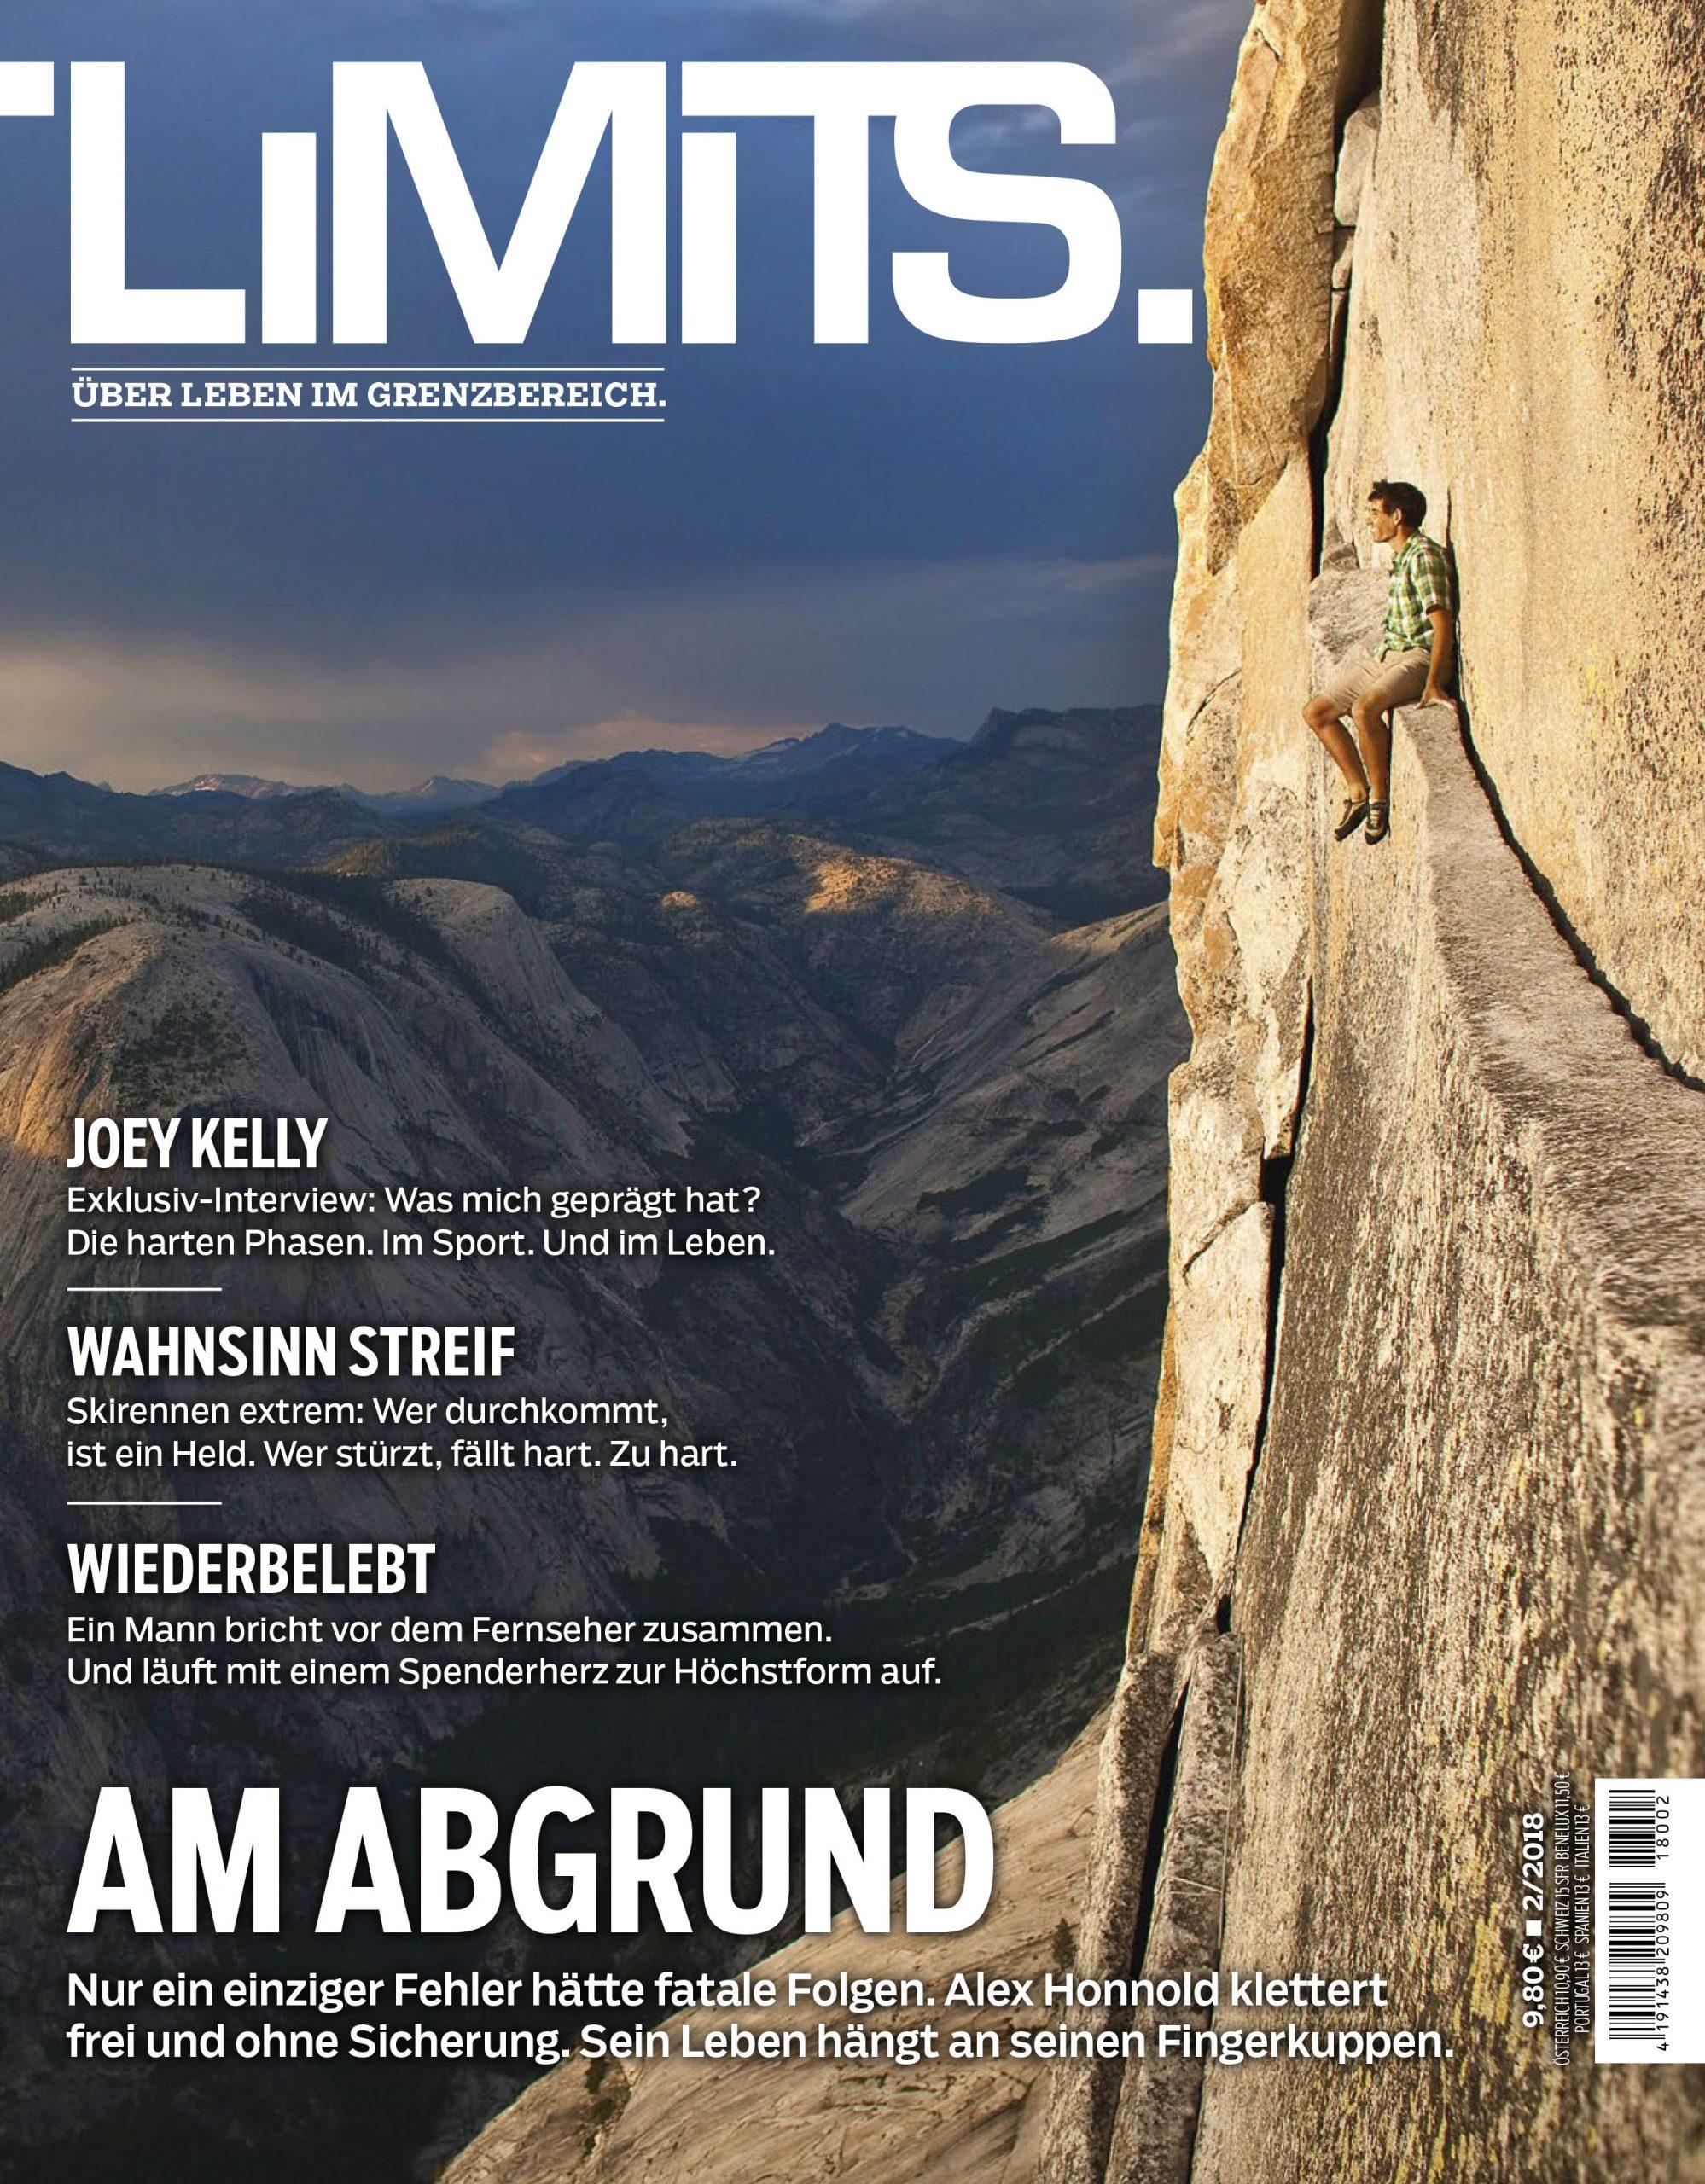 Titel Magazin LIMITS, der Exremkletterer Alex Honnold sitzt auf einem Felsvorsprung an einer senkrechten Felswand